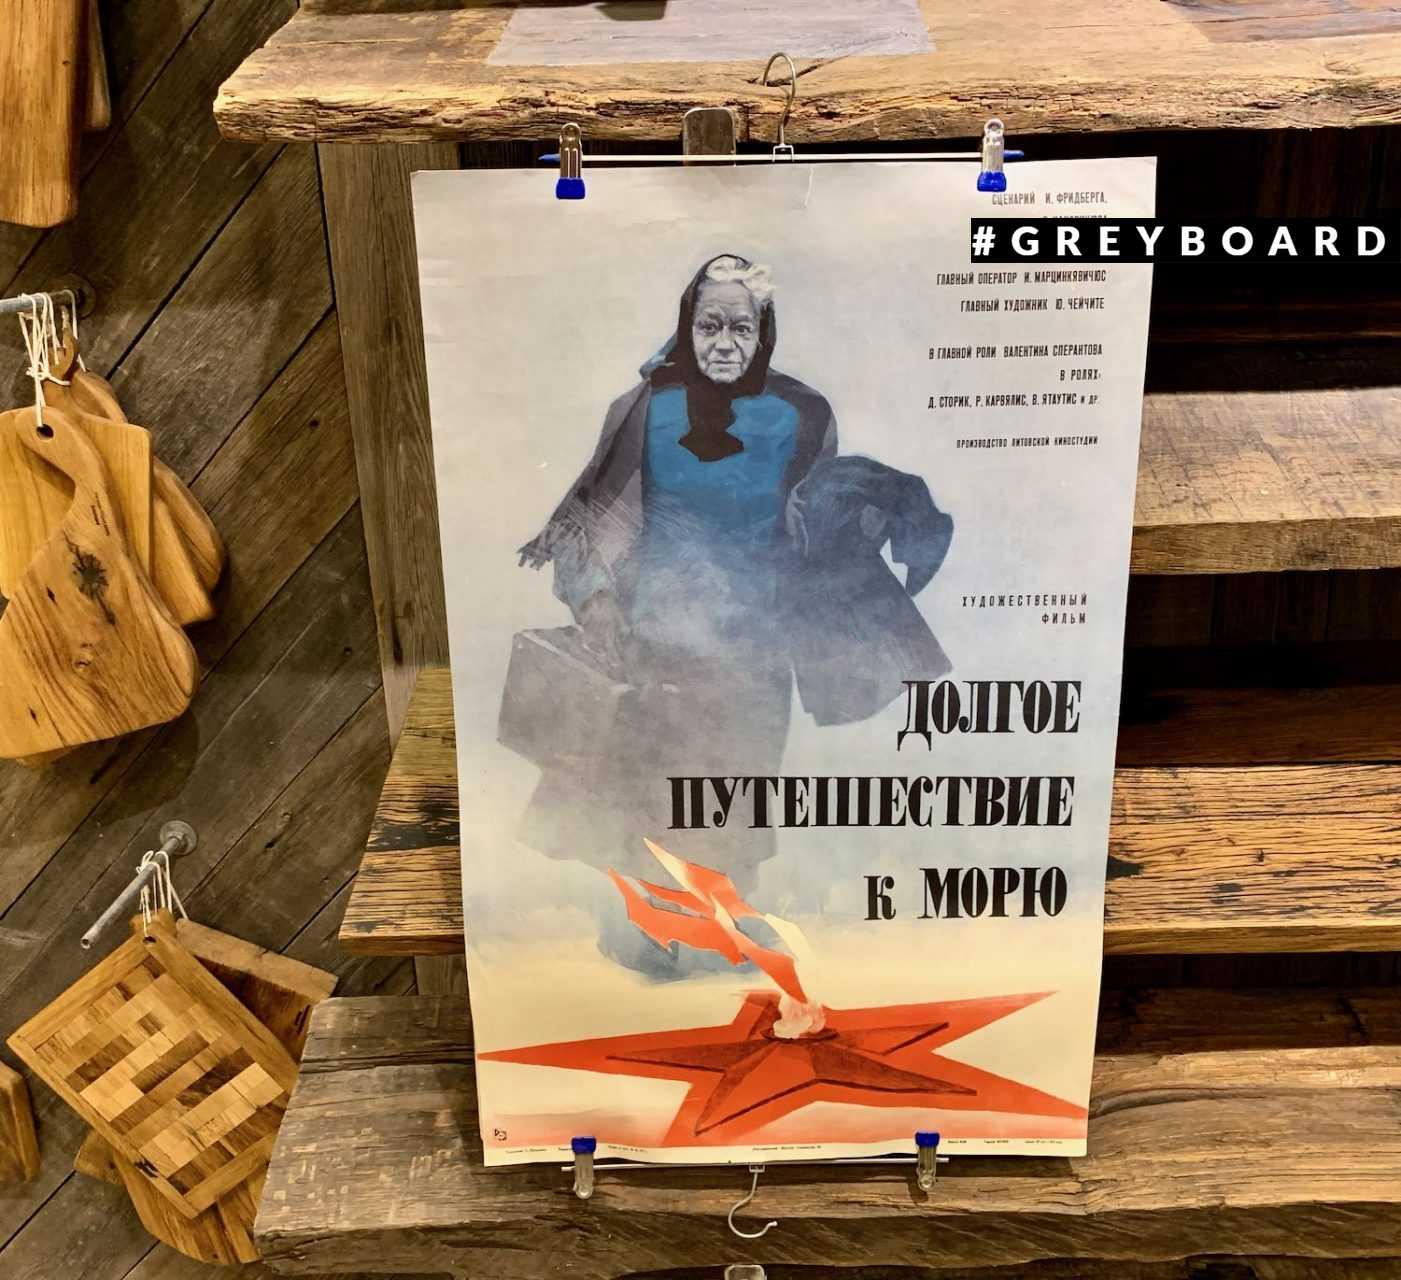 Киноплакаты советской эпохи